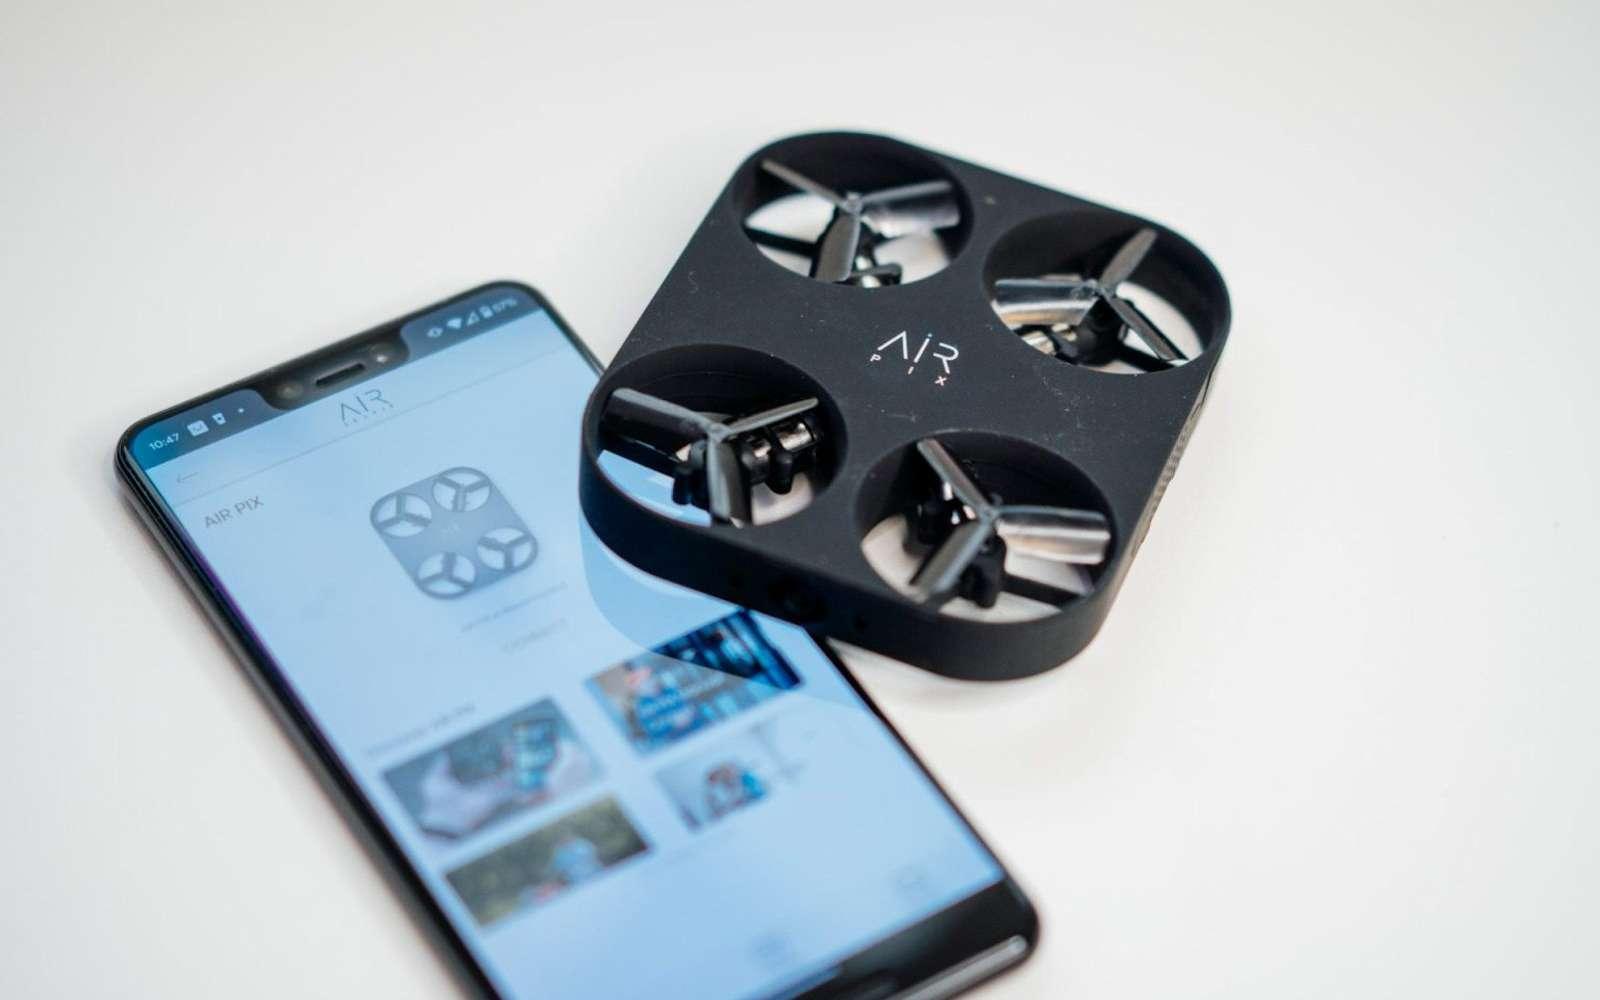 Il existe déjà des mini-drones qui permettent de prendre des photos ou de filmer en étant reliés à un smartphone. Mais ils sont déjà plus gros qu'un téléphone. © BestBuy